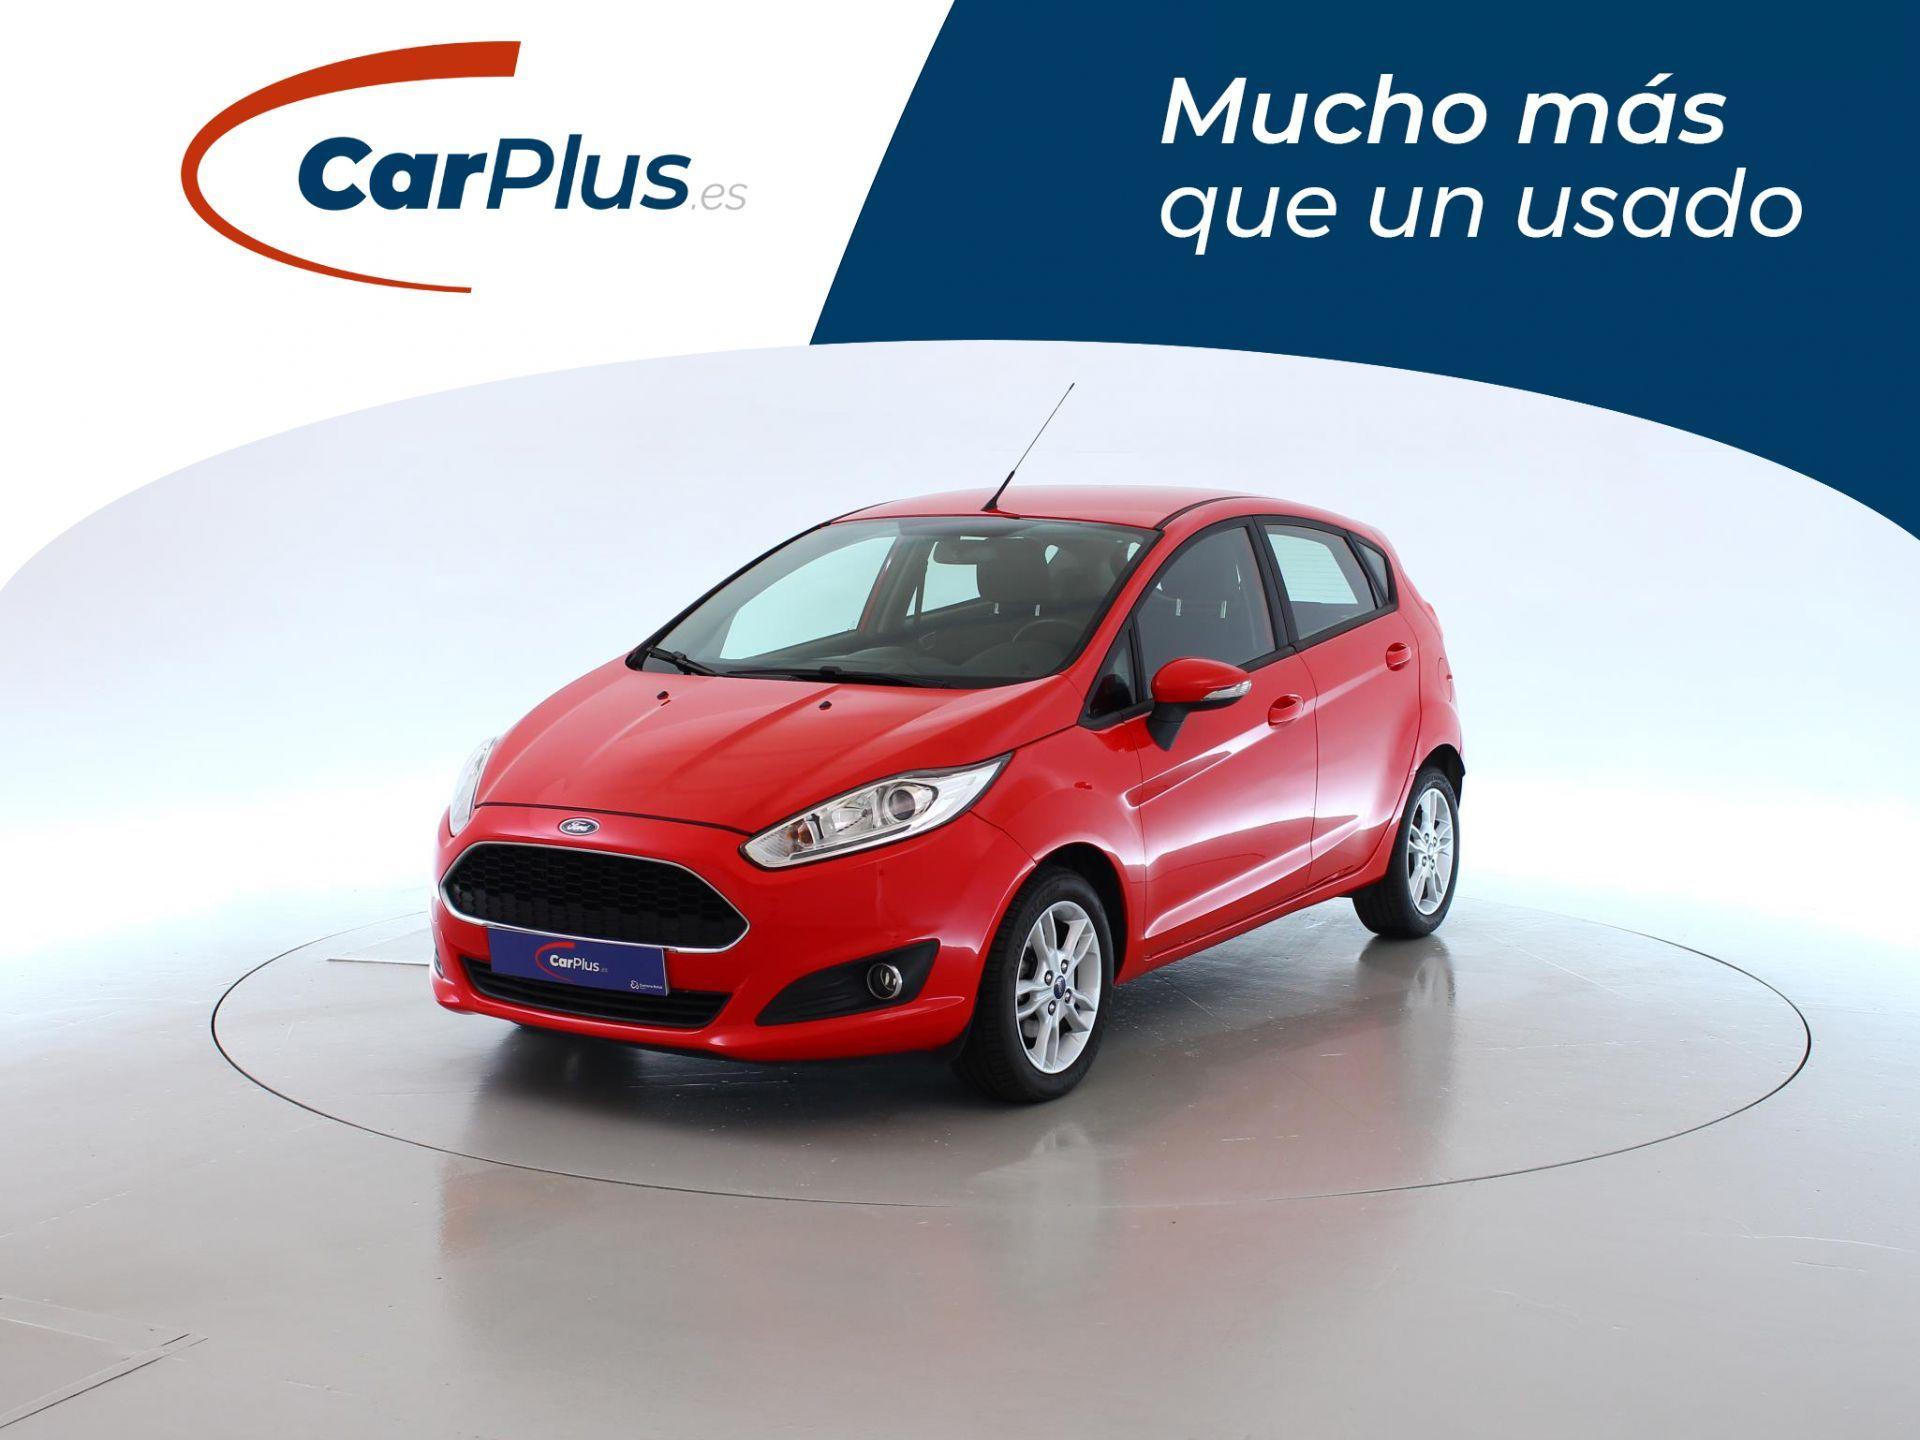 Ford Fiesta ocasión segunda mano 2017 Diésel por 9.990€ en Madrid